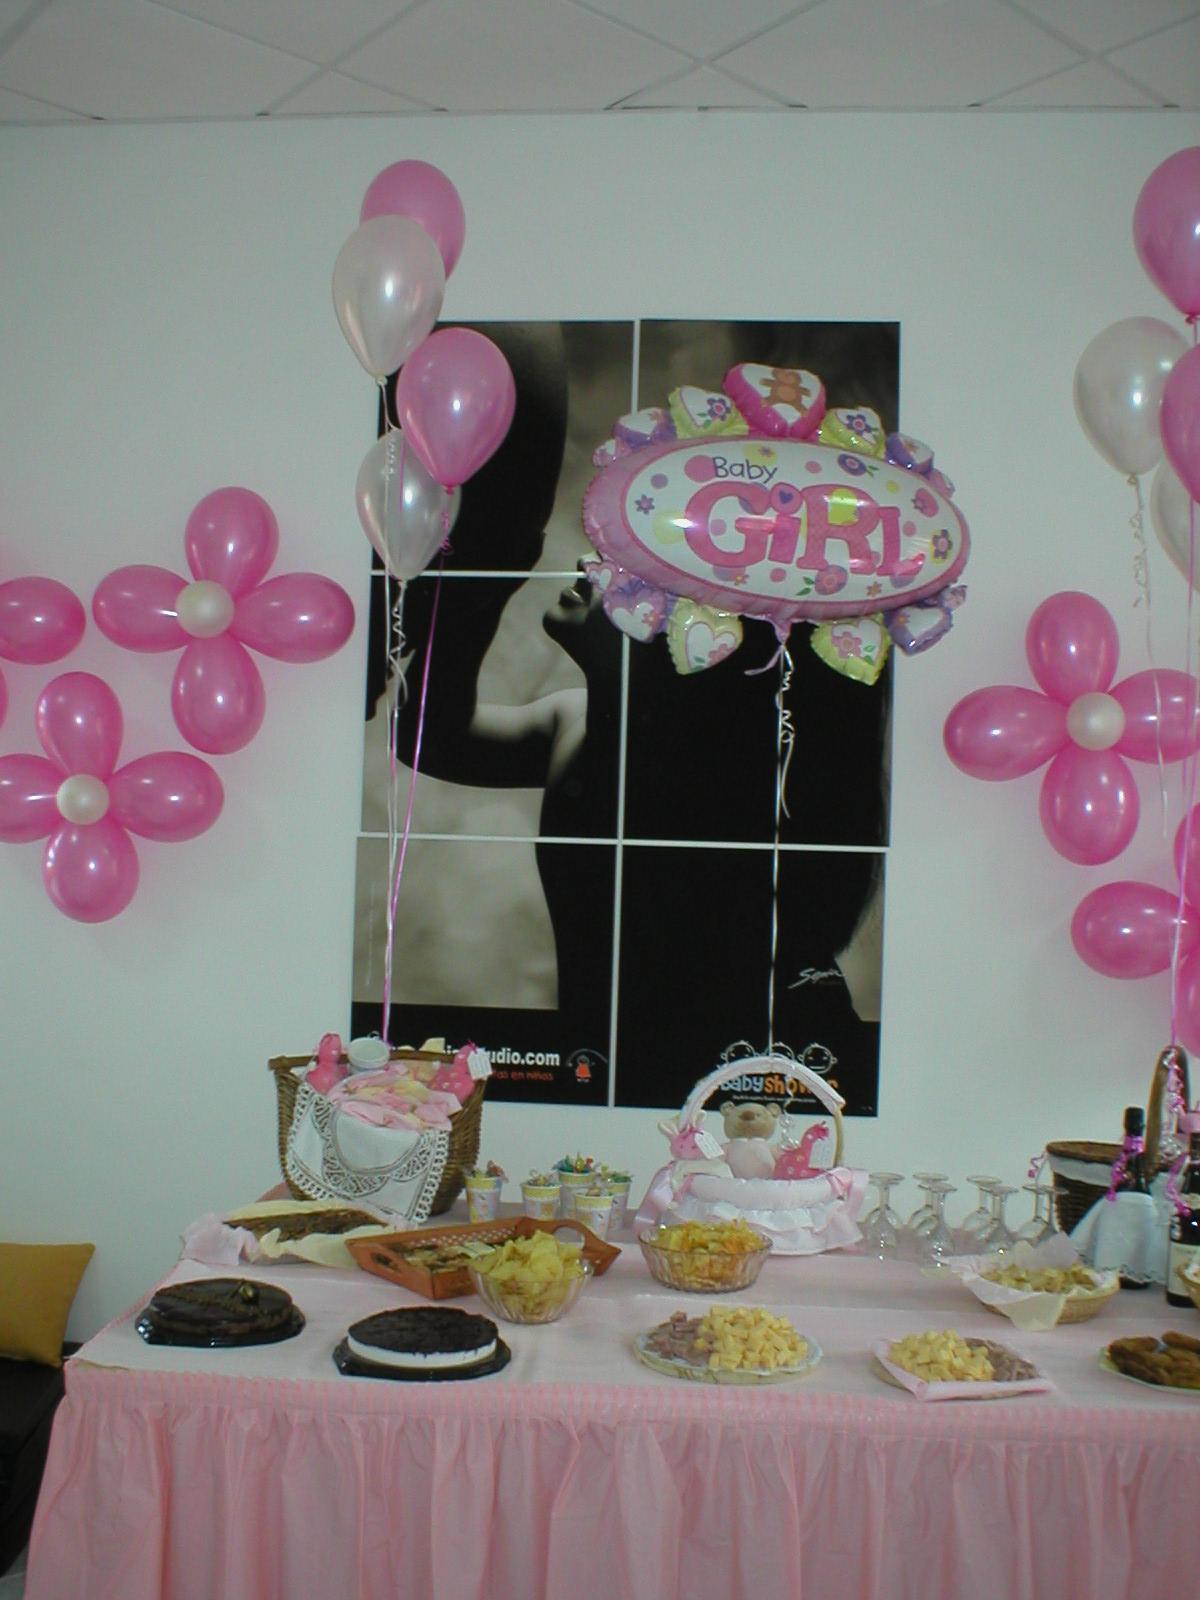 Las 3 claves del baby shower paternidad y maternidad for Fiesta baby shower decoracion